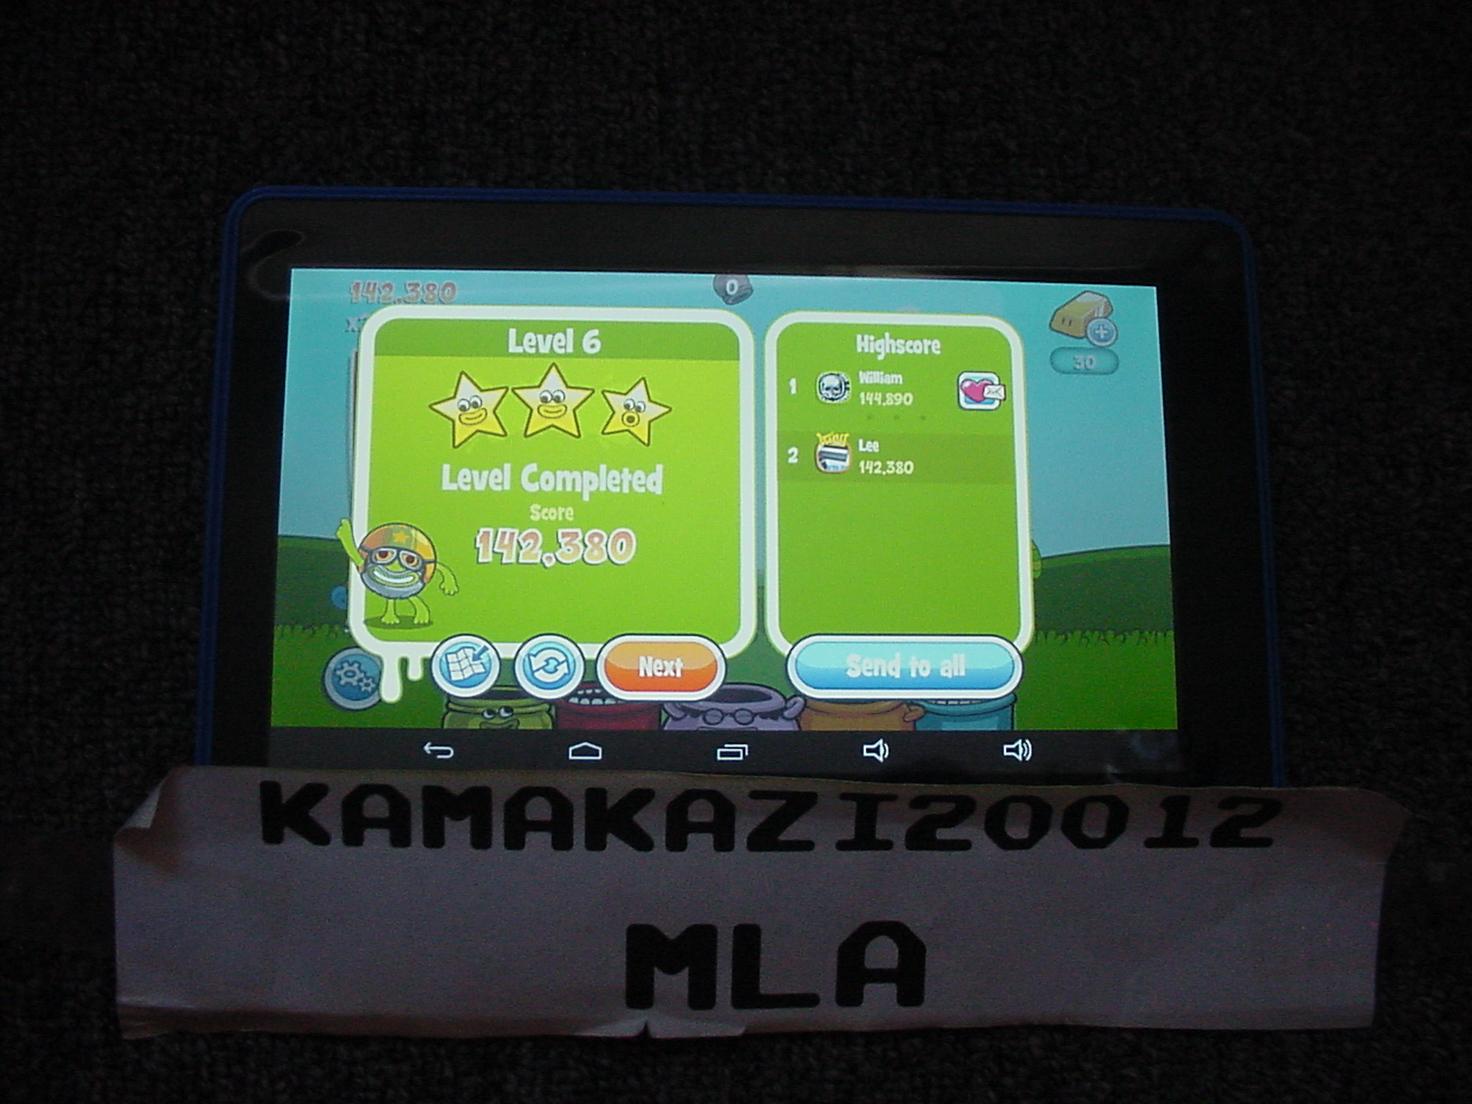 kamakazi20012: Papa Pear Saga: Level 006 (Android) 142,380 points on 2015-07-13 11:27:35